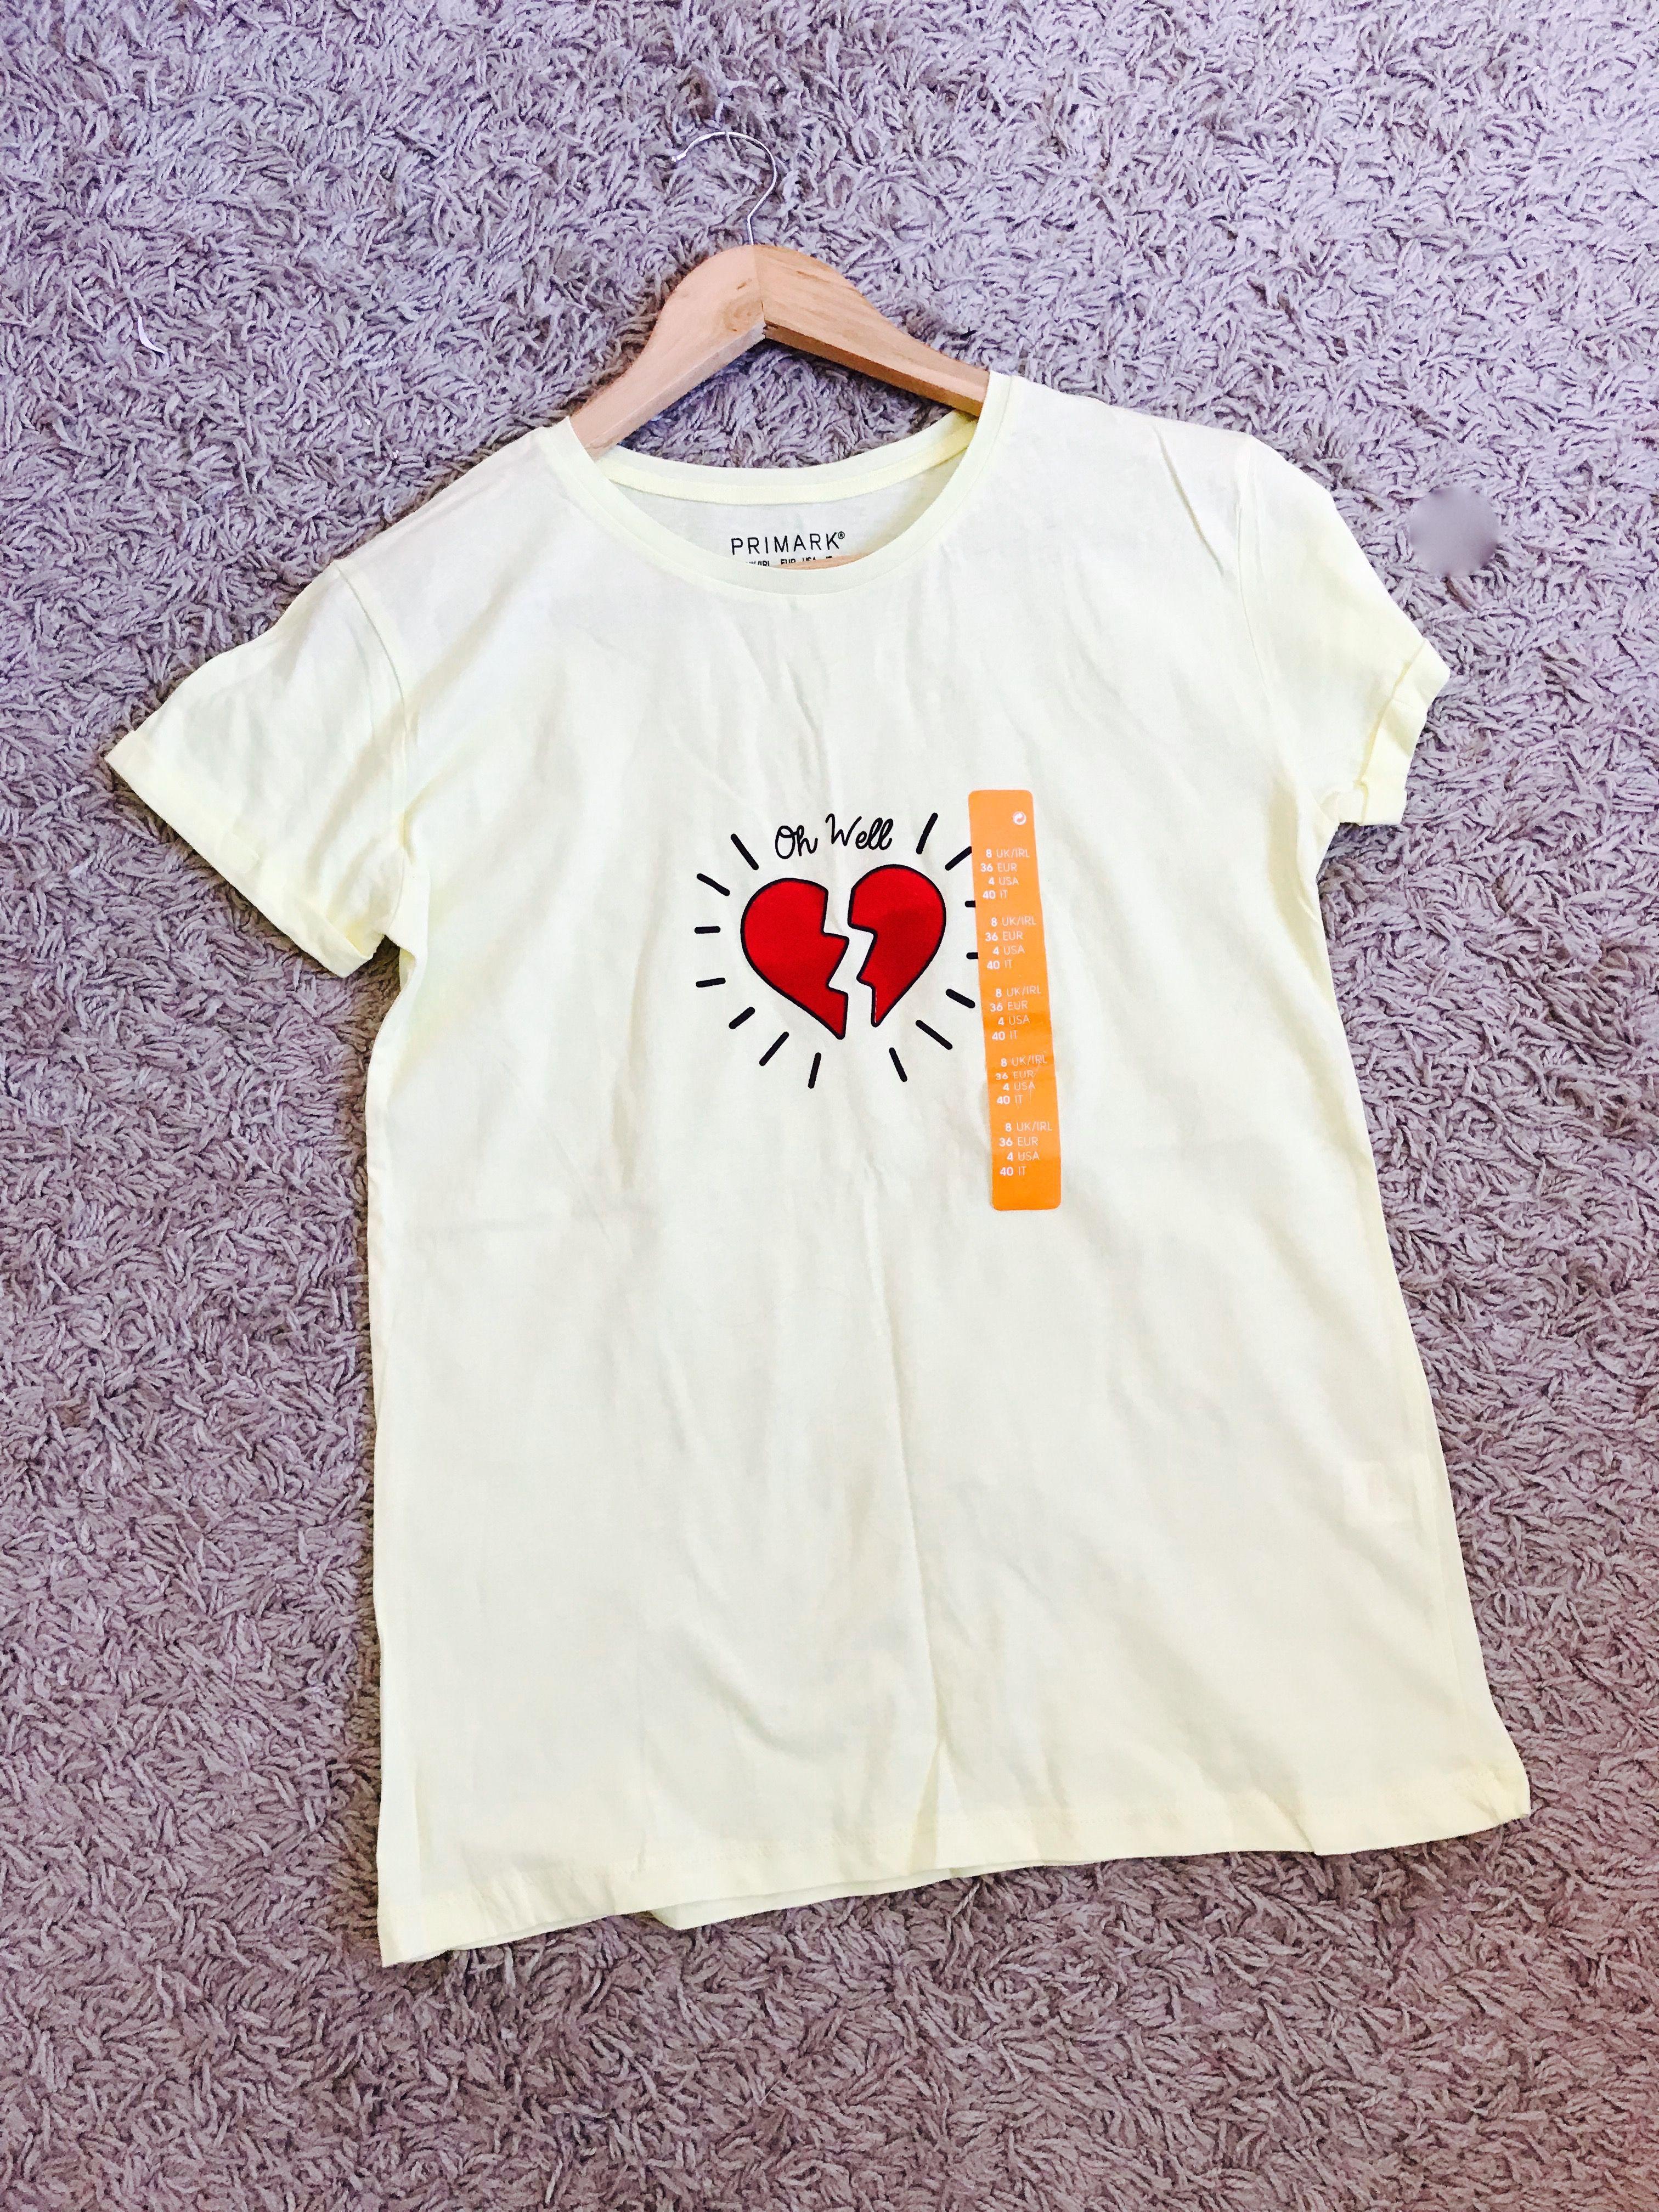 4d1664e684813 Teeshirt Primark Neuf avec étiquette Couleur jaune coeur rouge 📏 Taille 36   primark